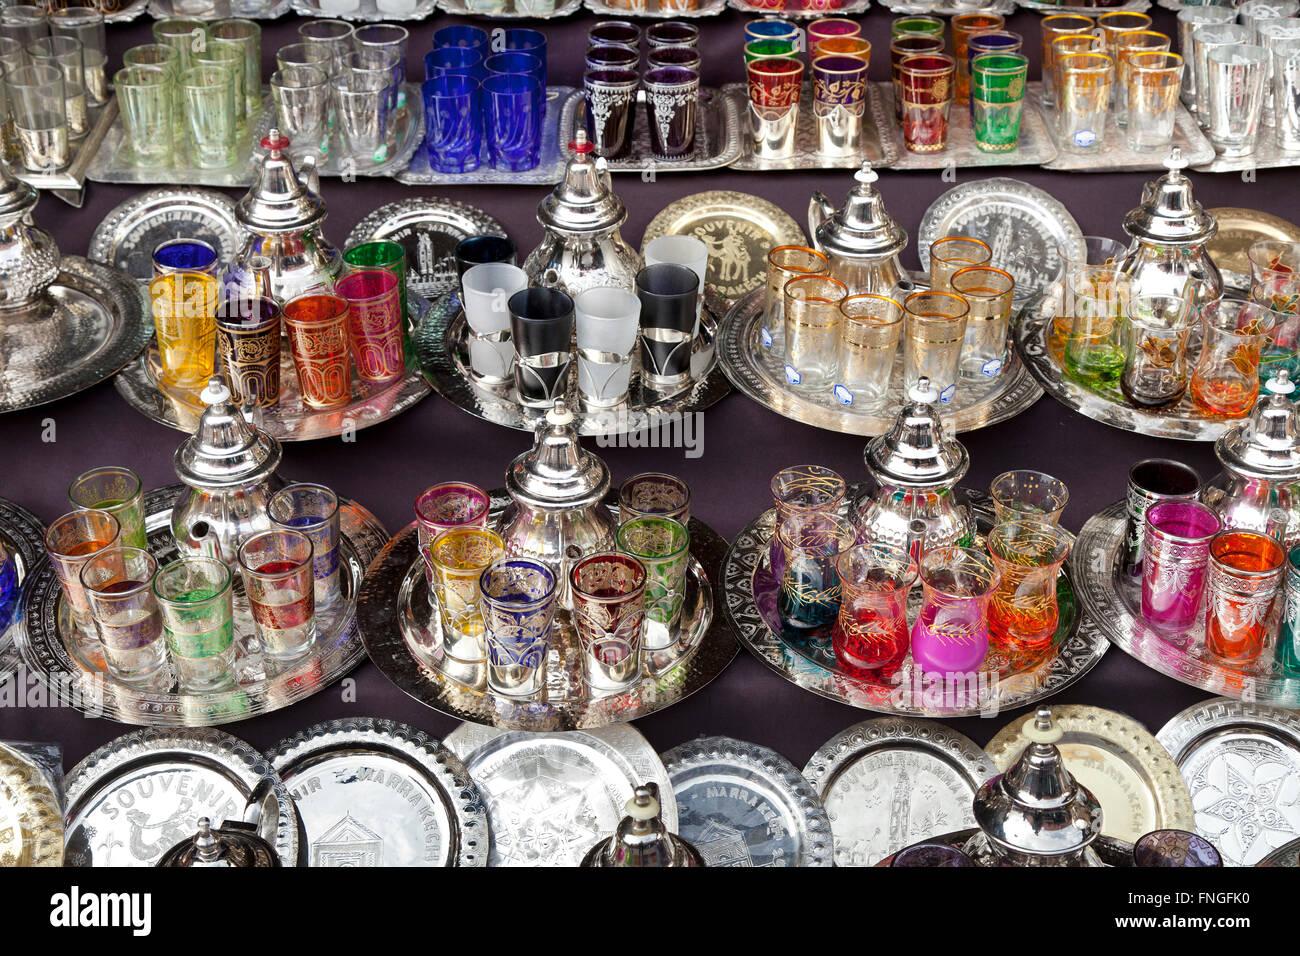 Cristalería marroquí y teteras para venta en el zoco de Marrakech, Marruecos Imagen De Stock